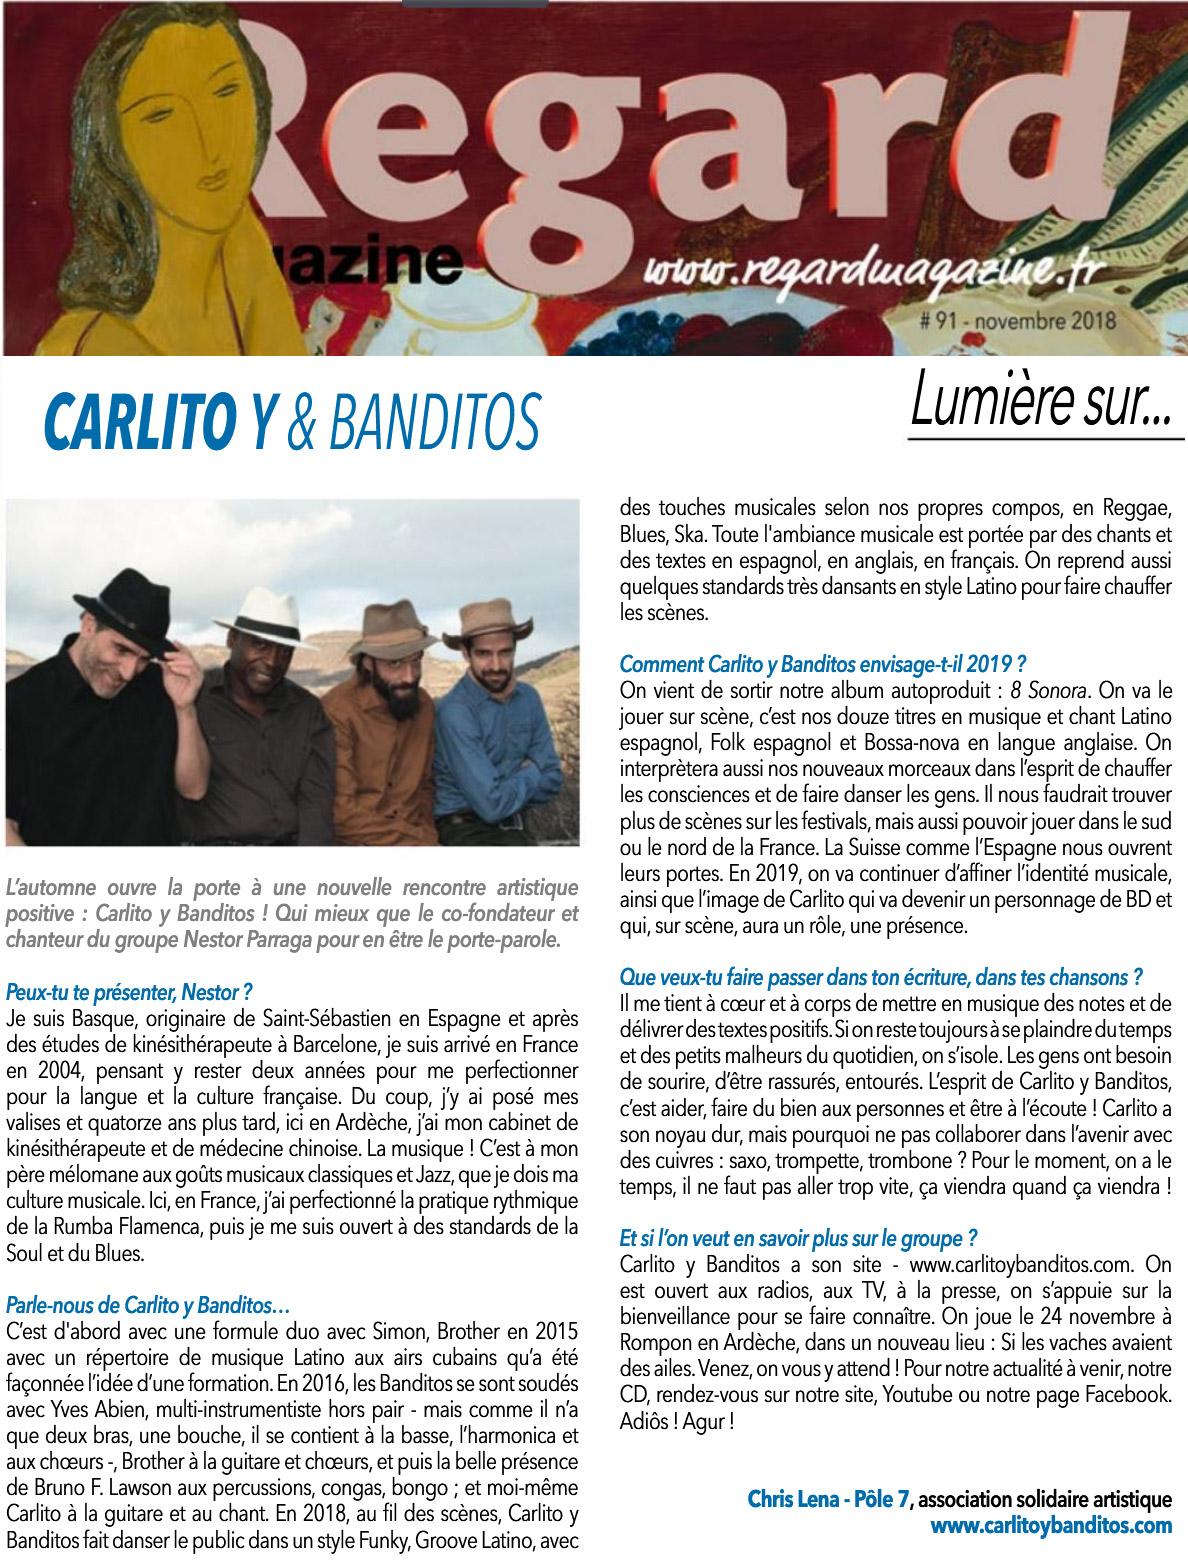 CYB - La Presse